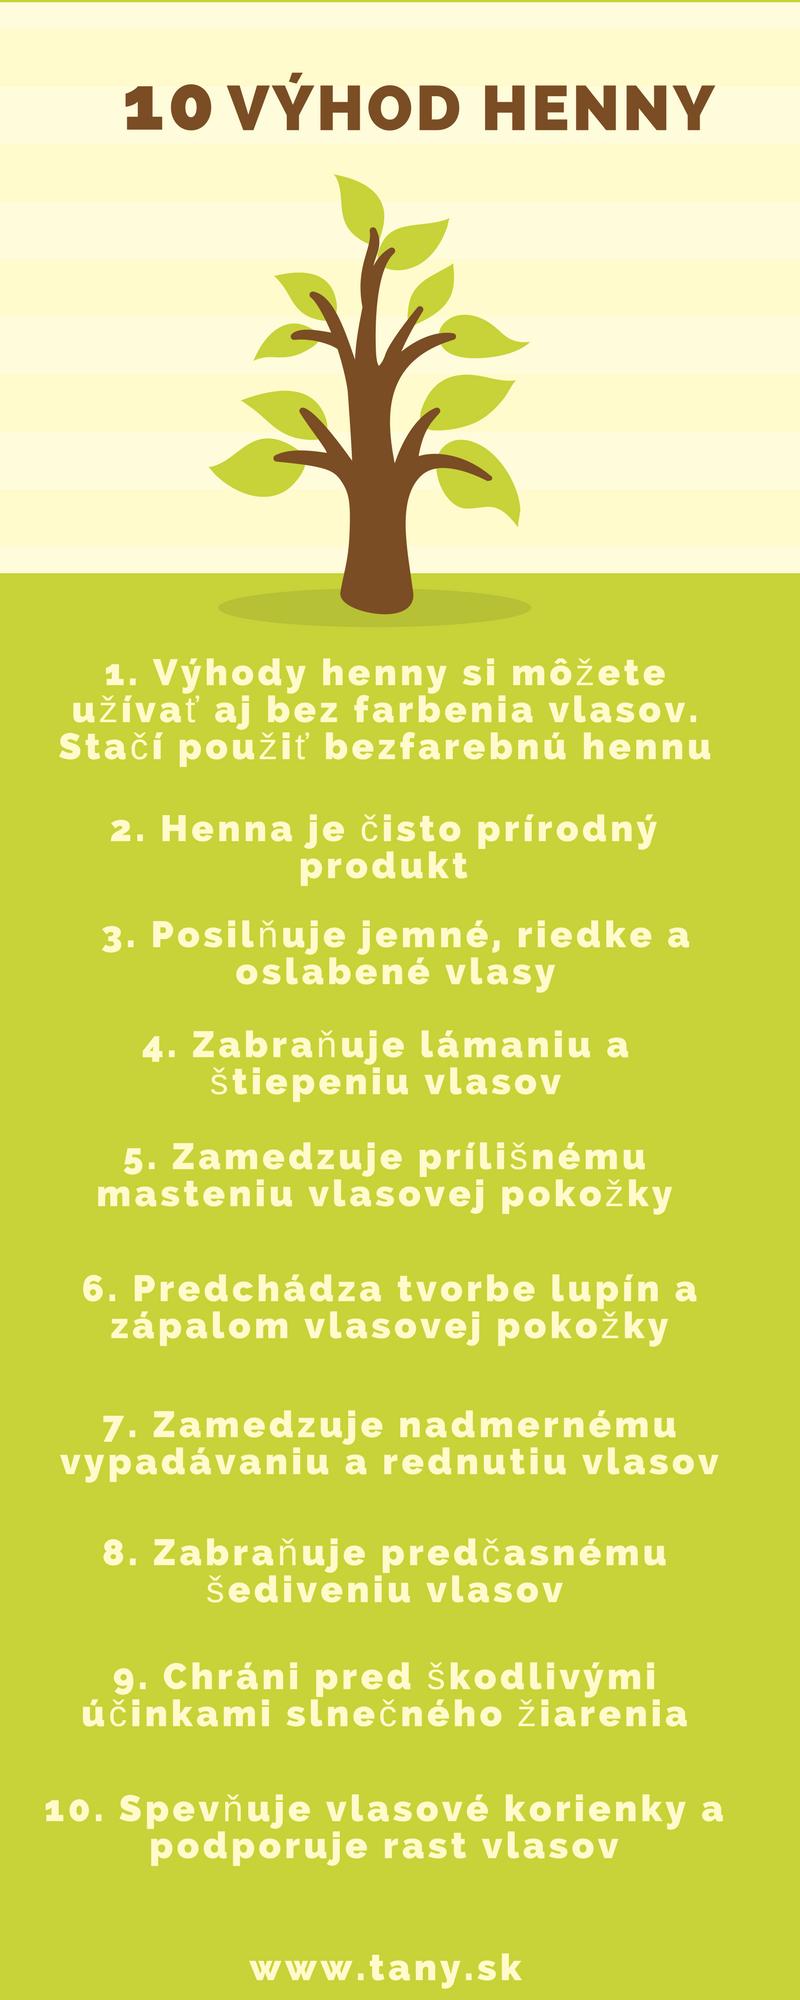 10 Výhod Henny